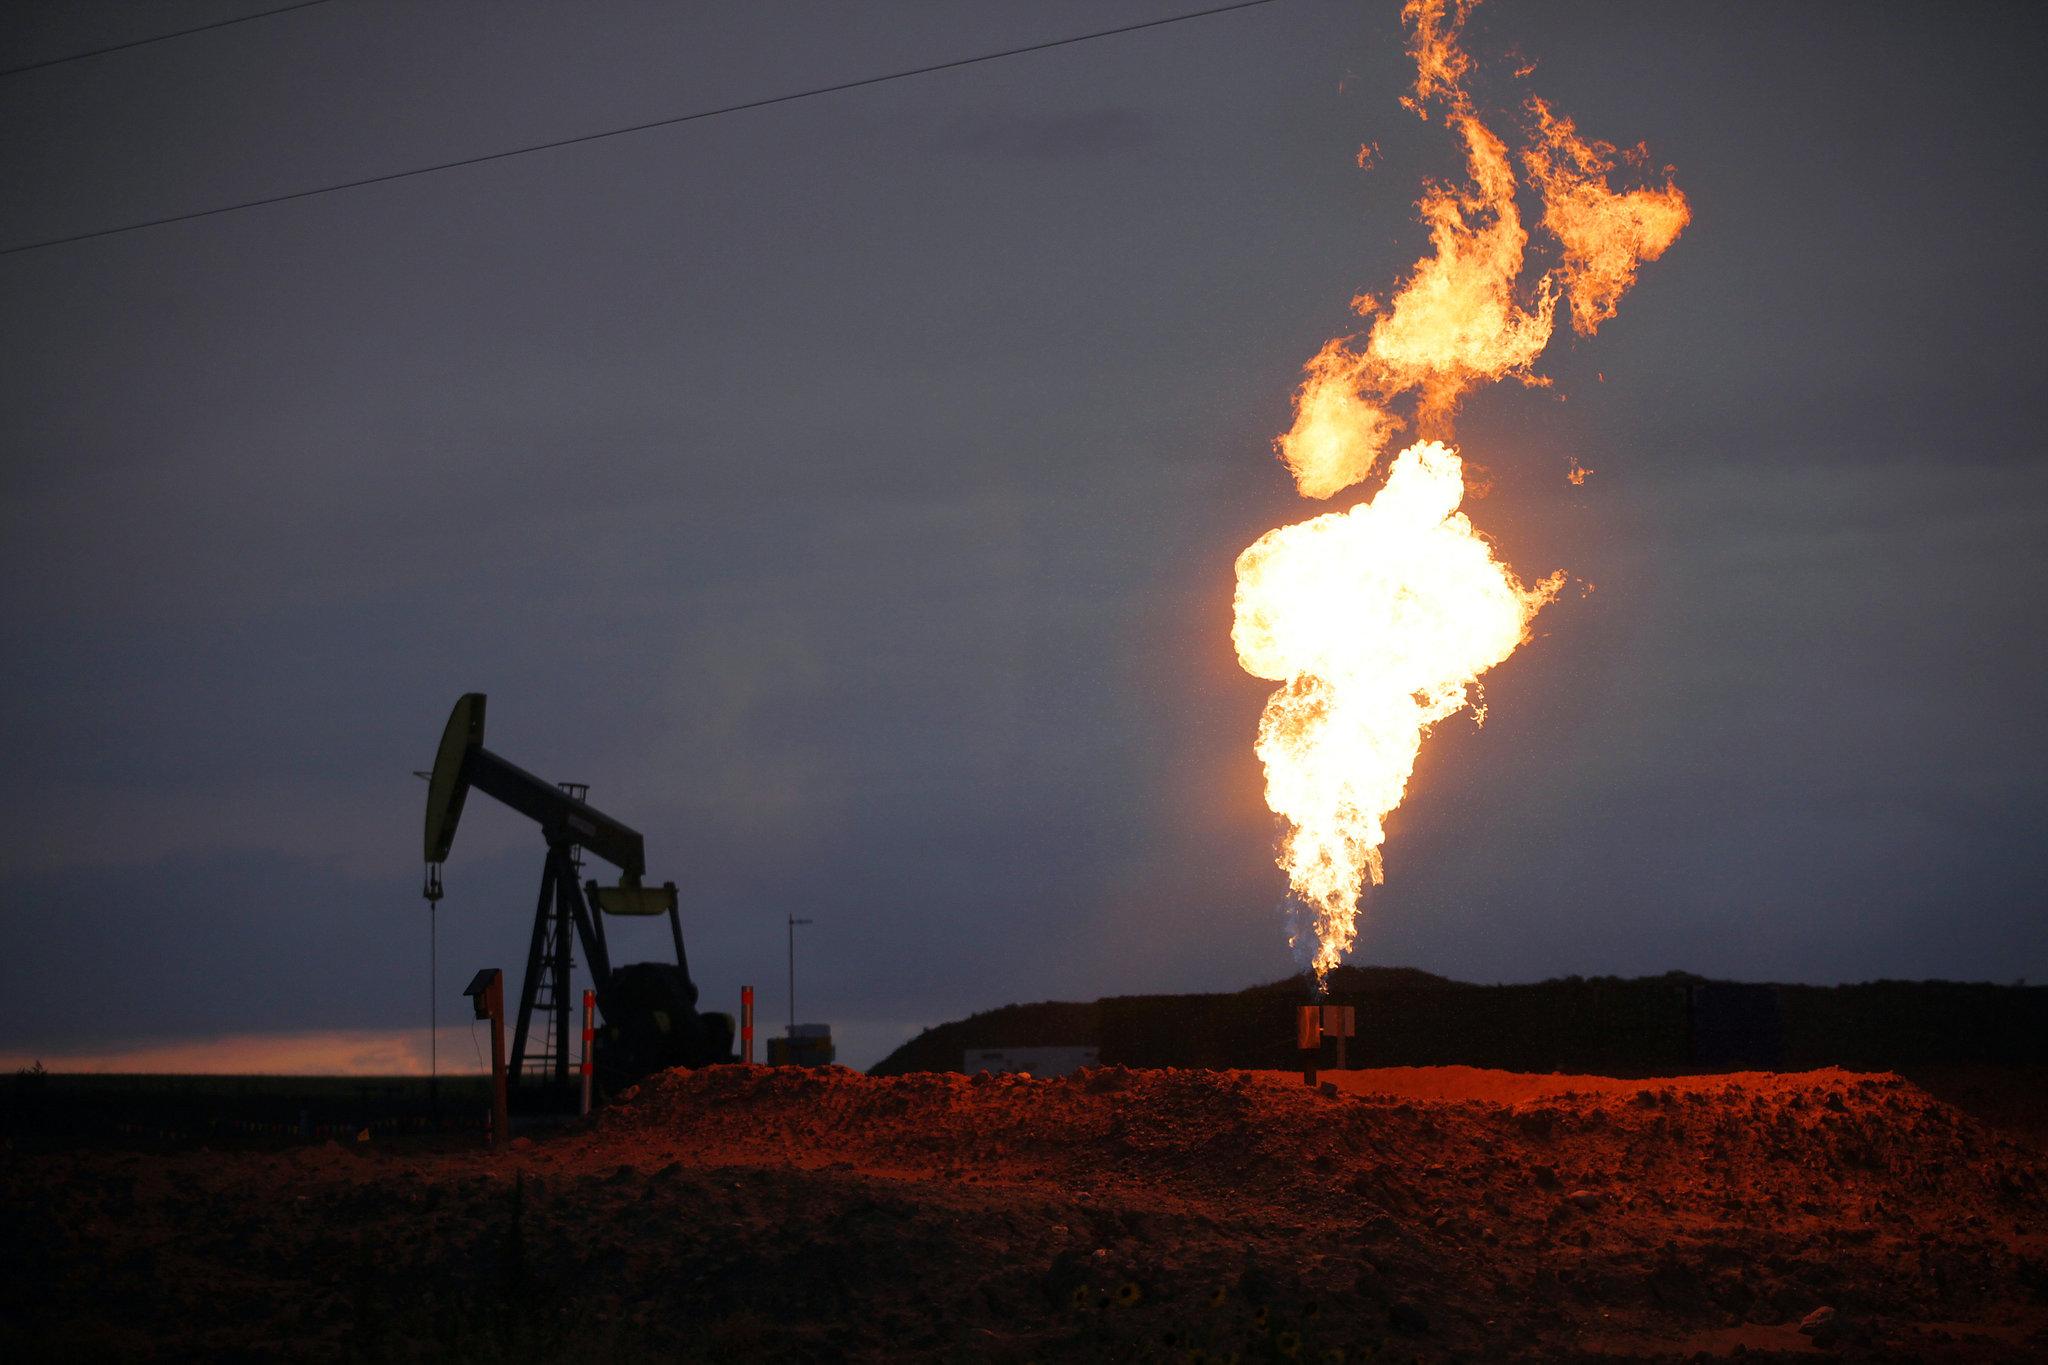 Giá gas hôm nay 5/11: Nhu cầu tiêu thụ thấp, giá gas giảm trở lại - Ảnh 1.